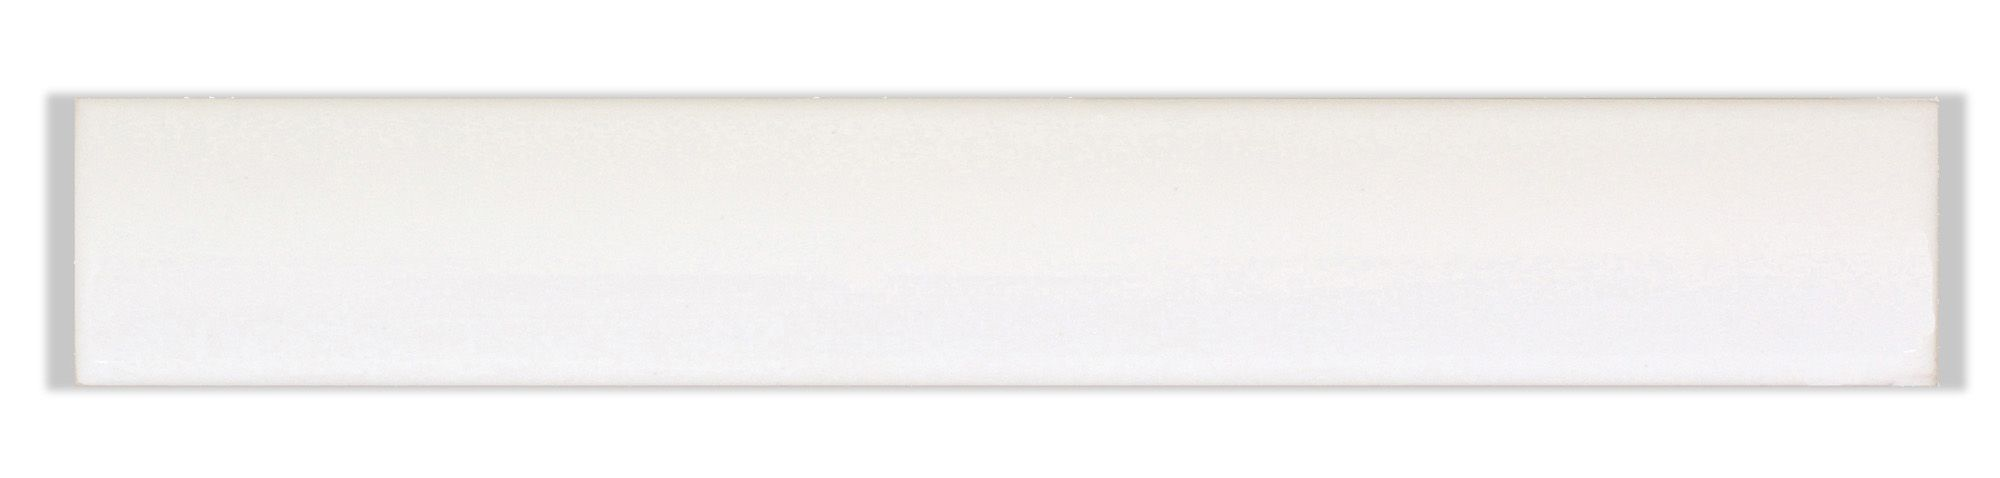 TG Bevel White Ceramic Border Tile, (L)200mm (W)25mm   Border tiles ...